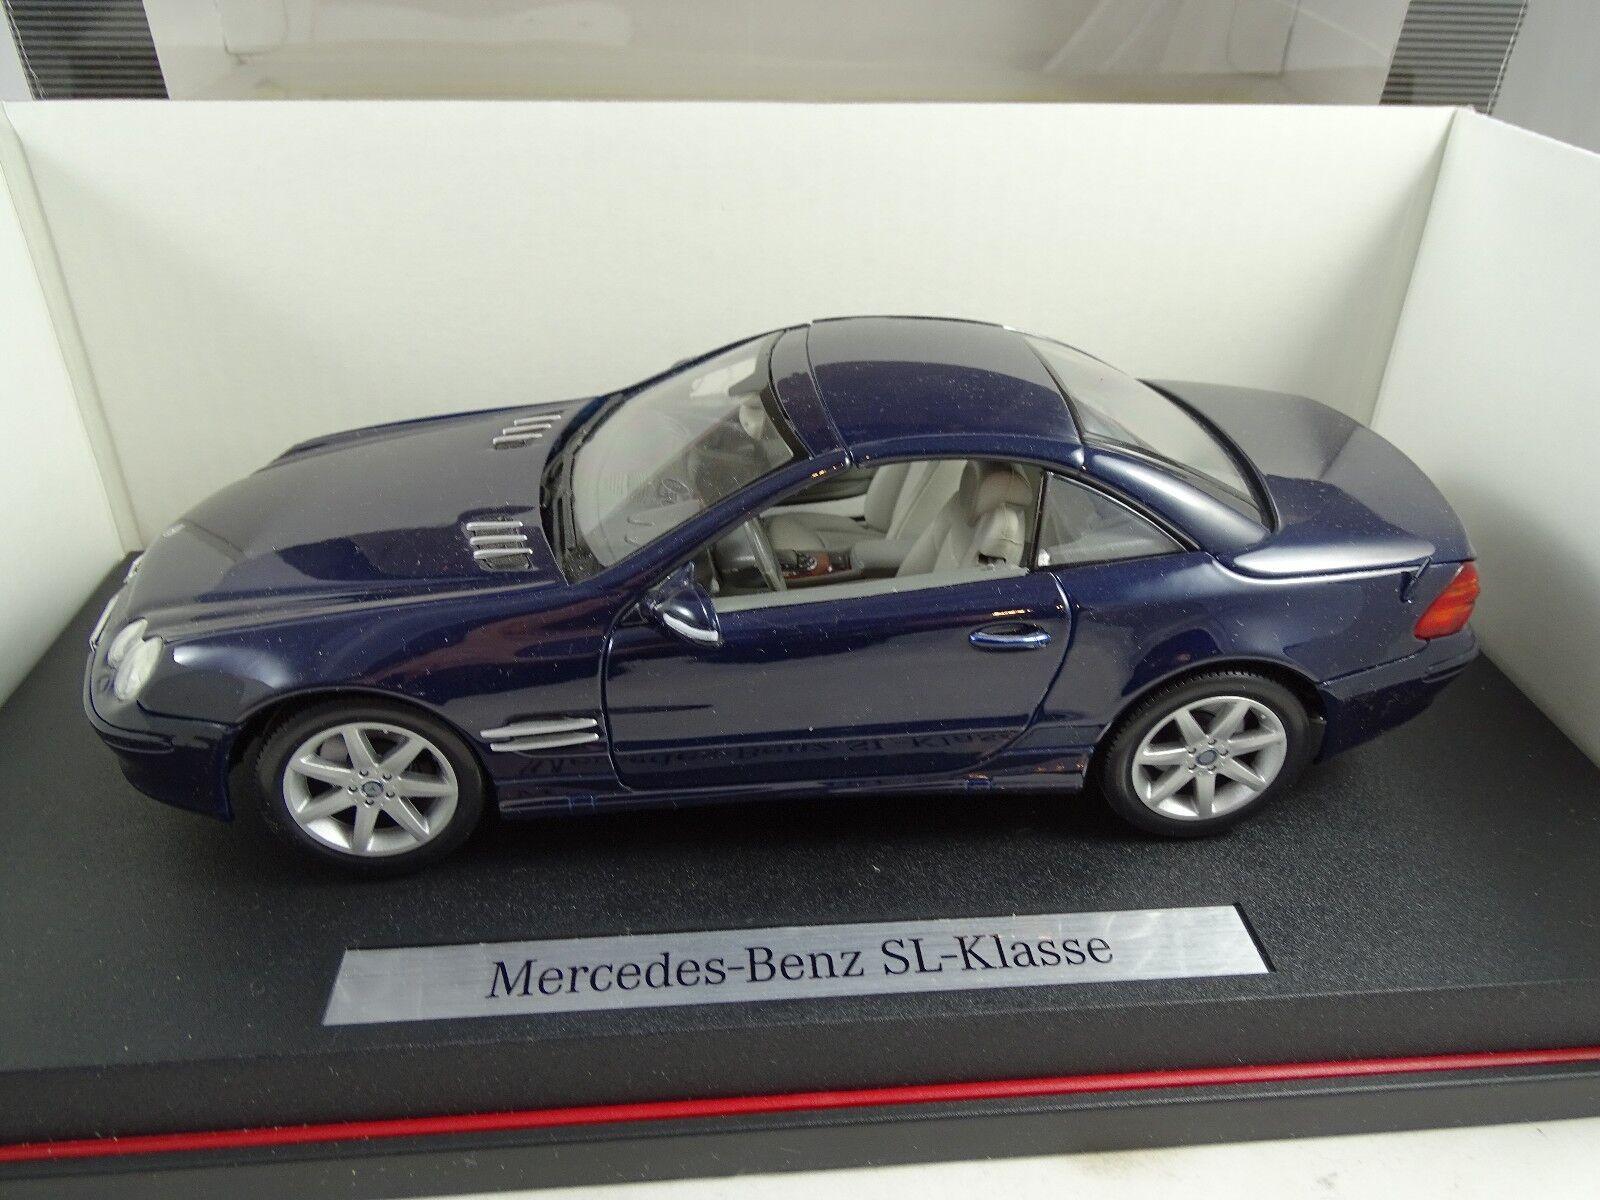 Sito ufficiale 1 1 1 18 Dealermodellolol  B66962126 Mercedes Benz classee Sl Blu Rarità §  vendendo bene in tutto il mondo